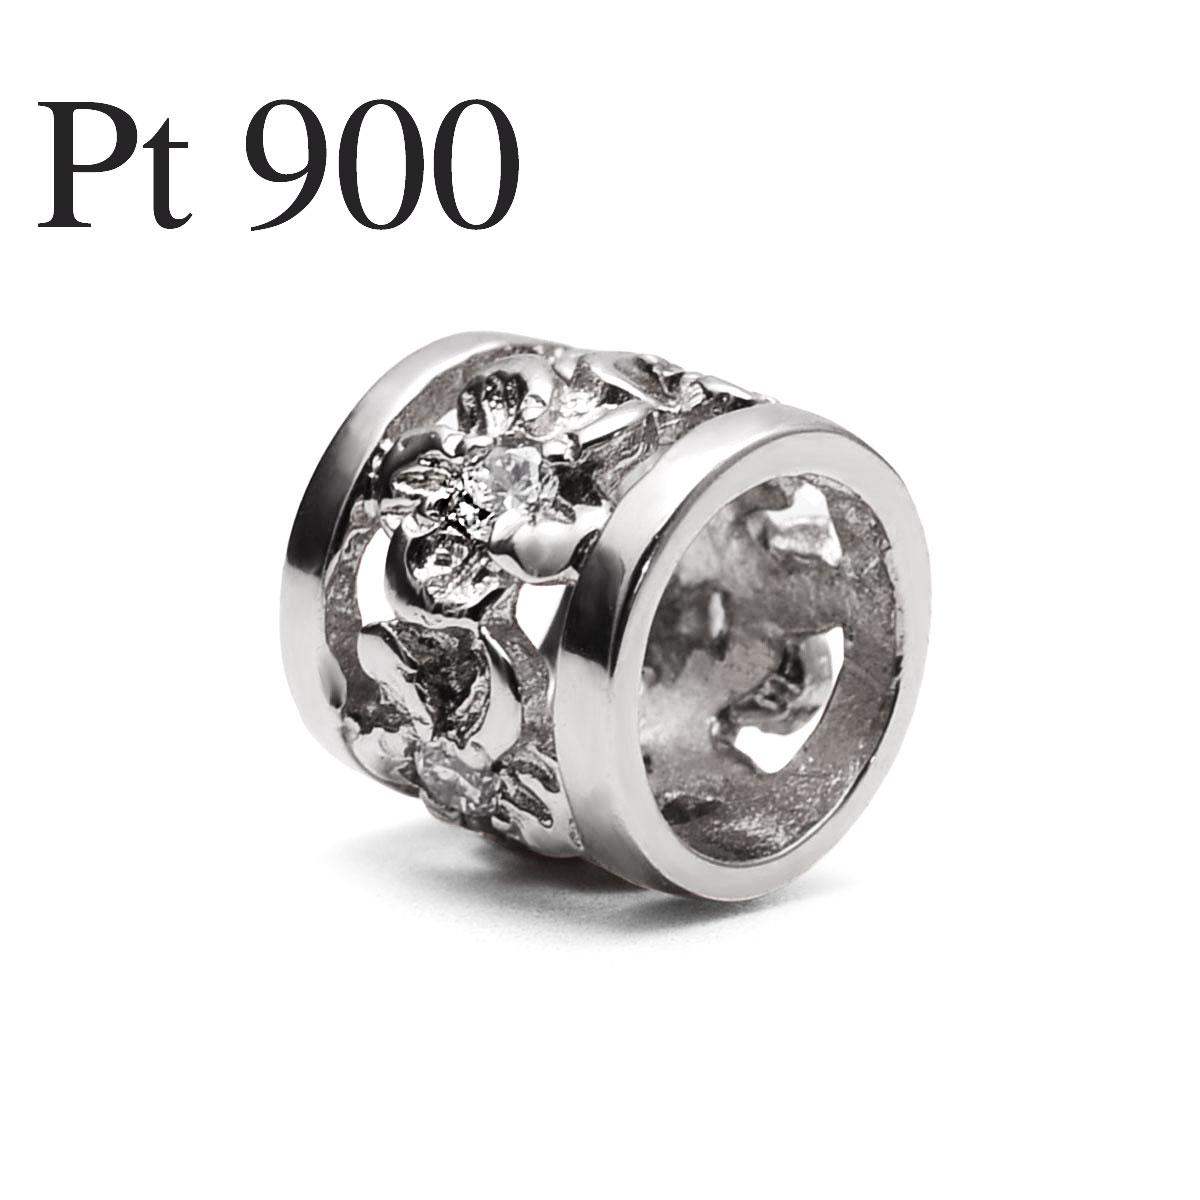 ハワイアンジュエリー ネックレス ダイヤモンドプチバレル・プラチナ 900 apdo6498apd0062